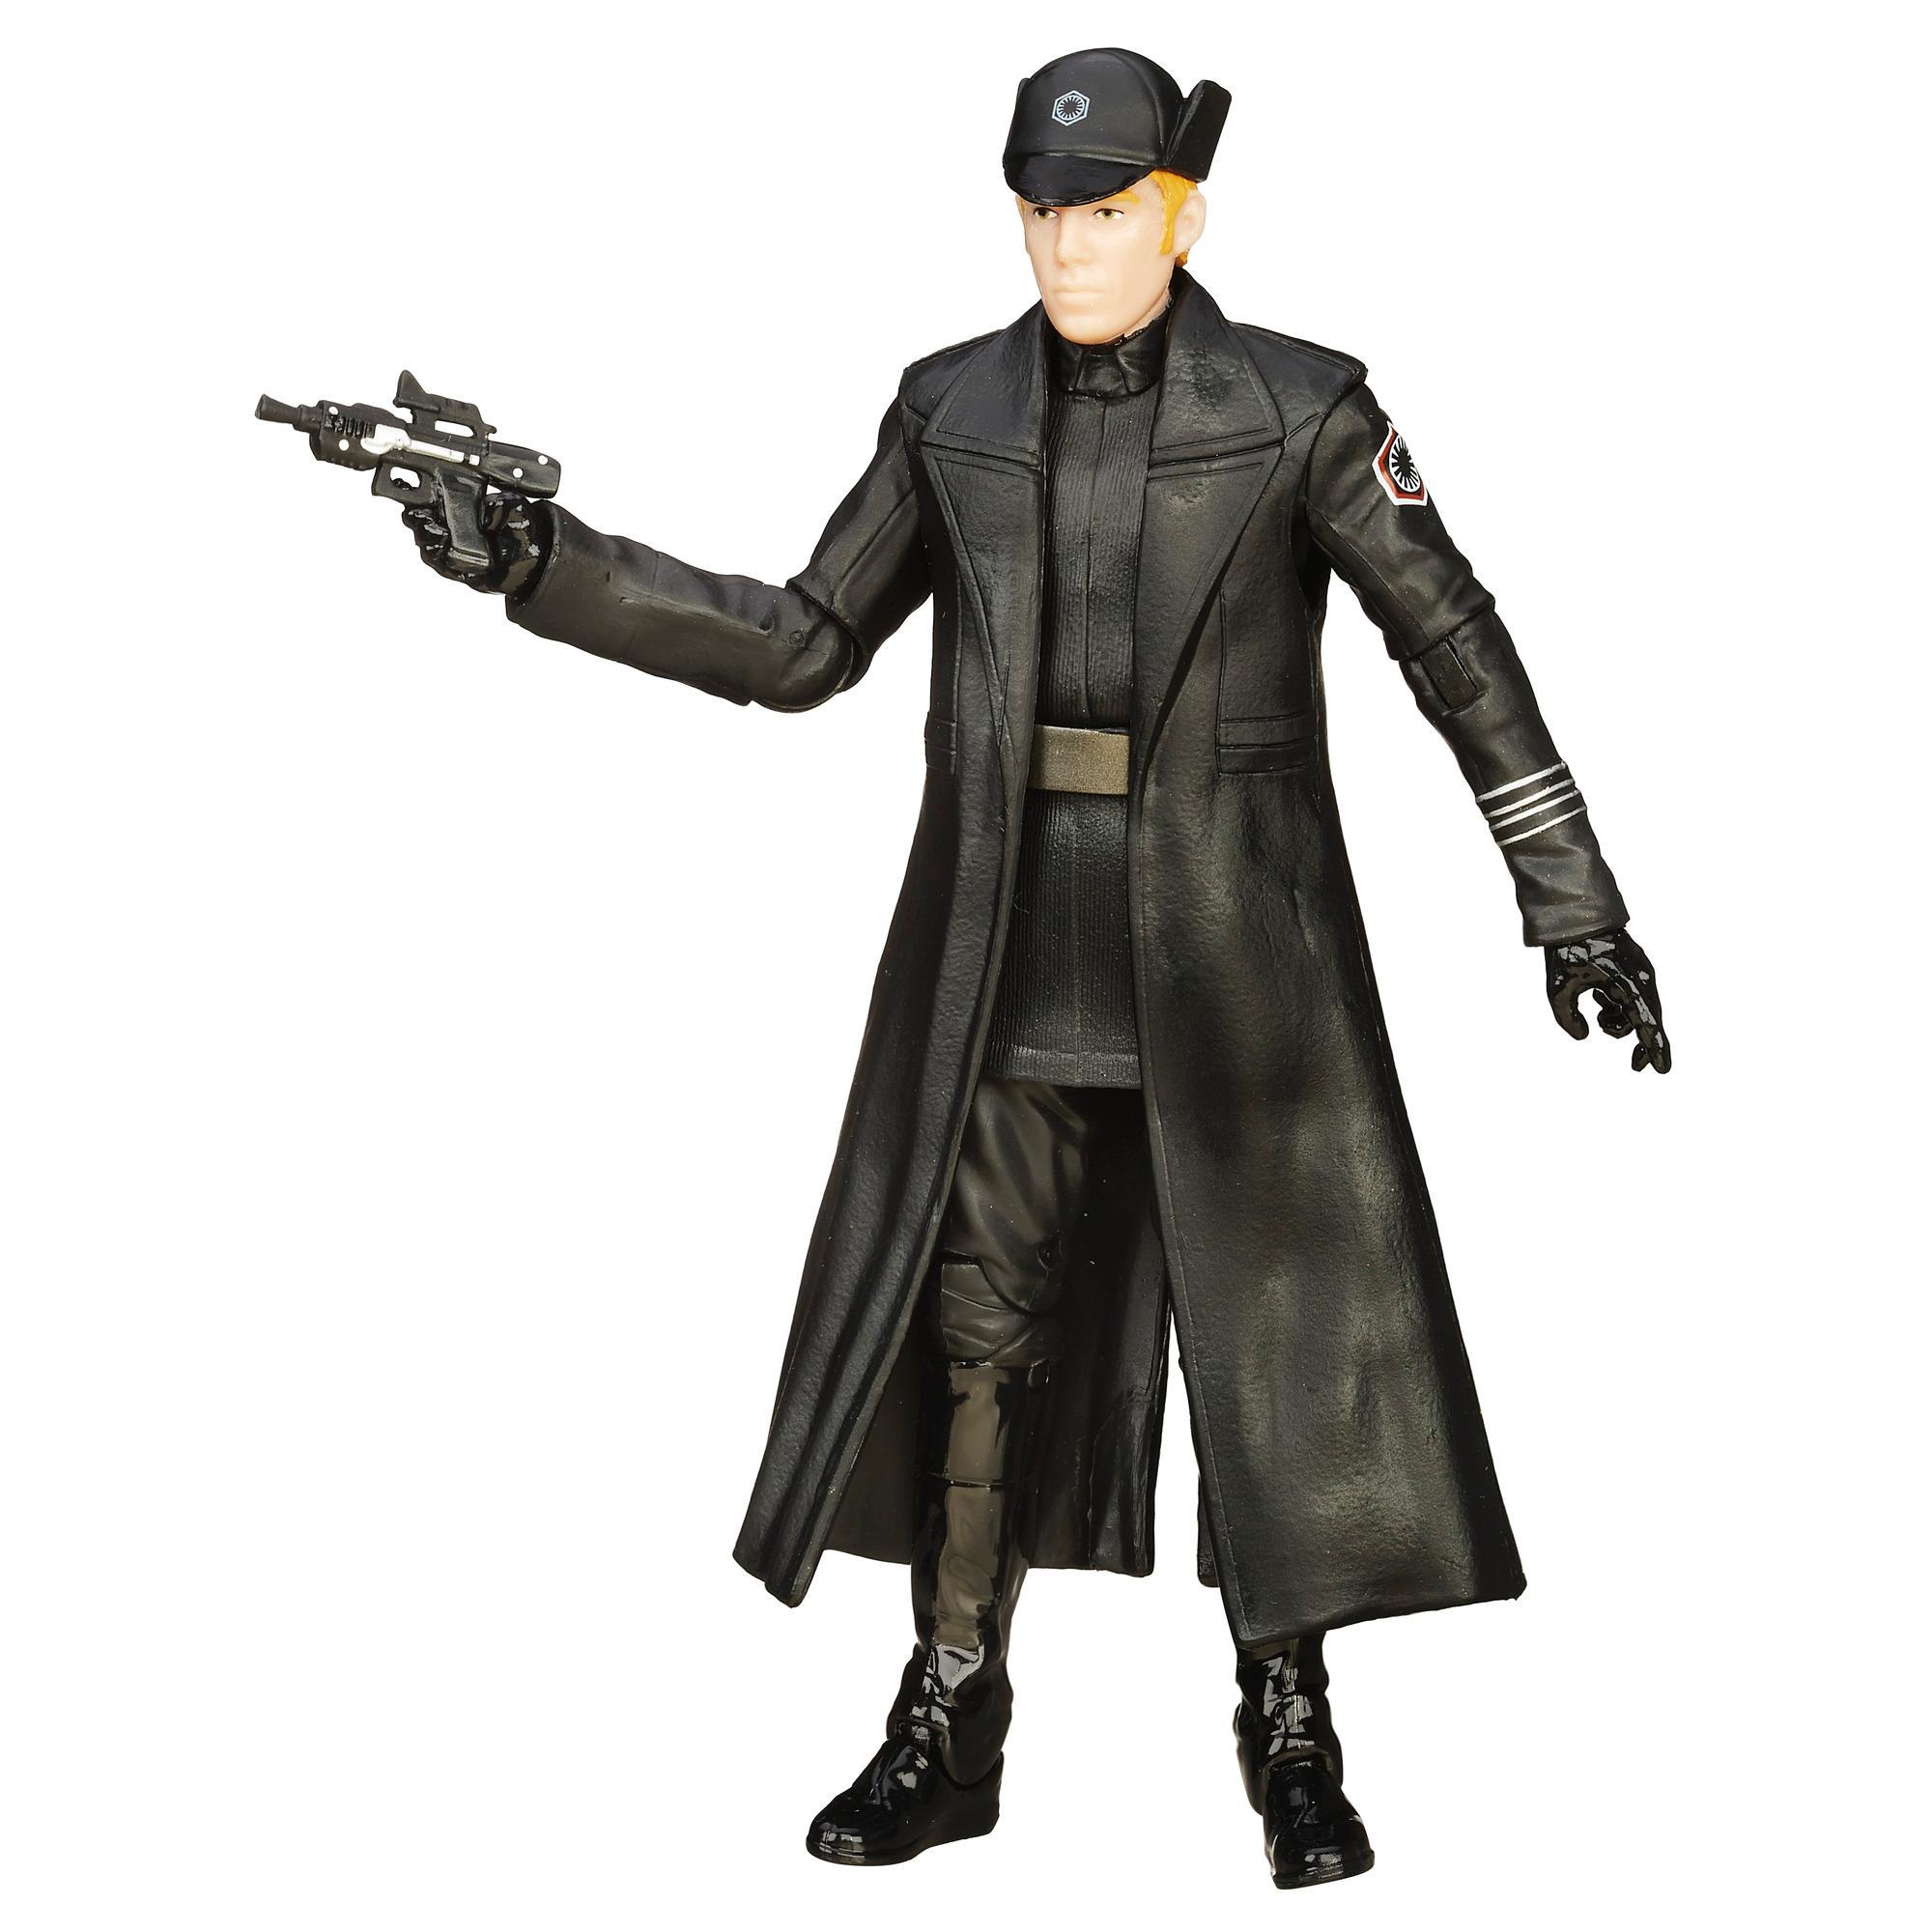 General Hux Star Wars figurine Deluxe Black series 15 cm de Hasbro